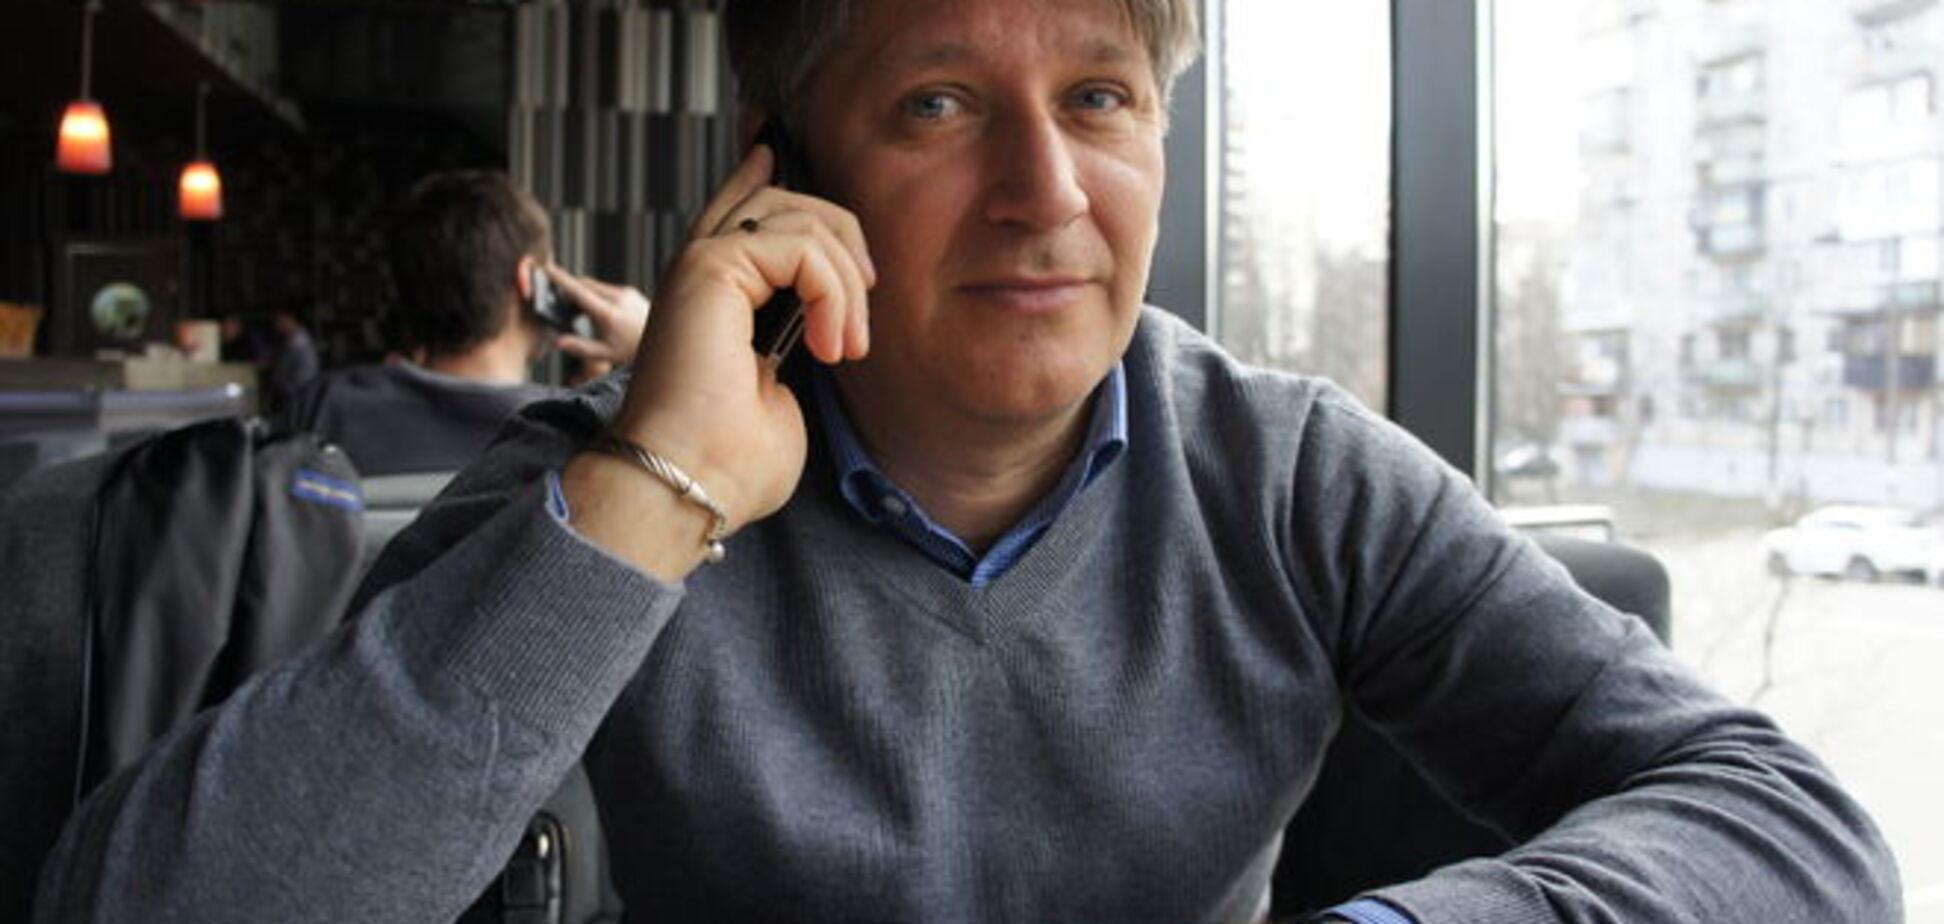 Сергей Ковалец: в Европе Украину знают, как сильную державу